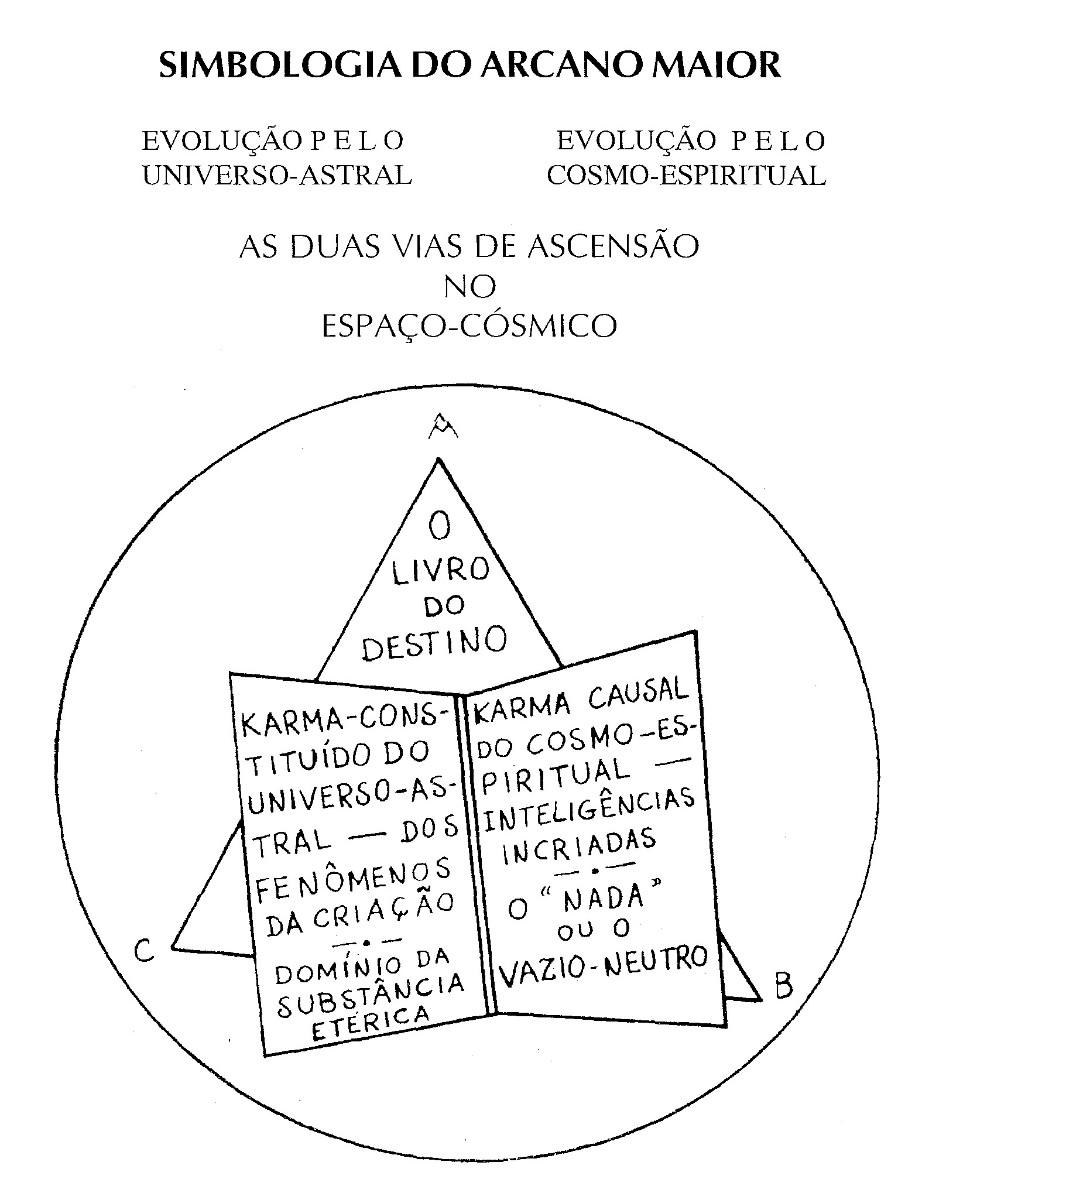 http://img.comunidades.net/umb/umbandadobrasil/arcano_1.jpg